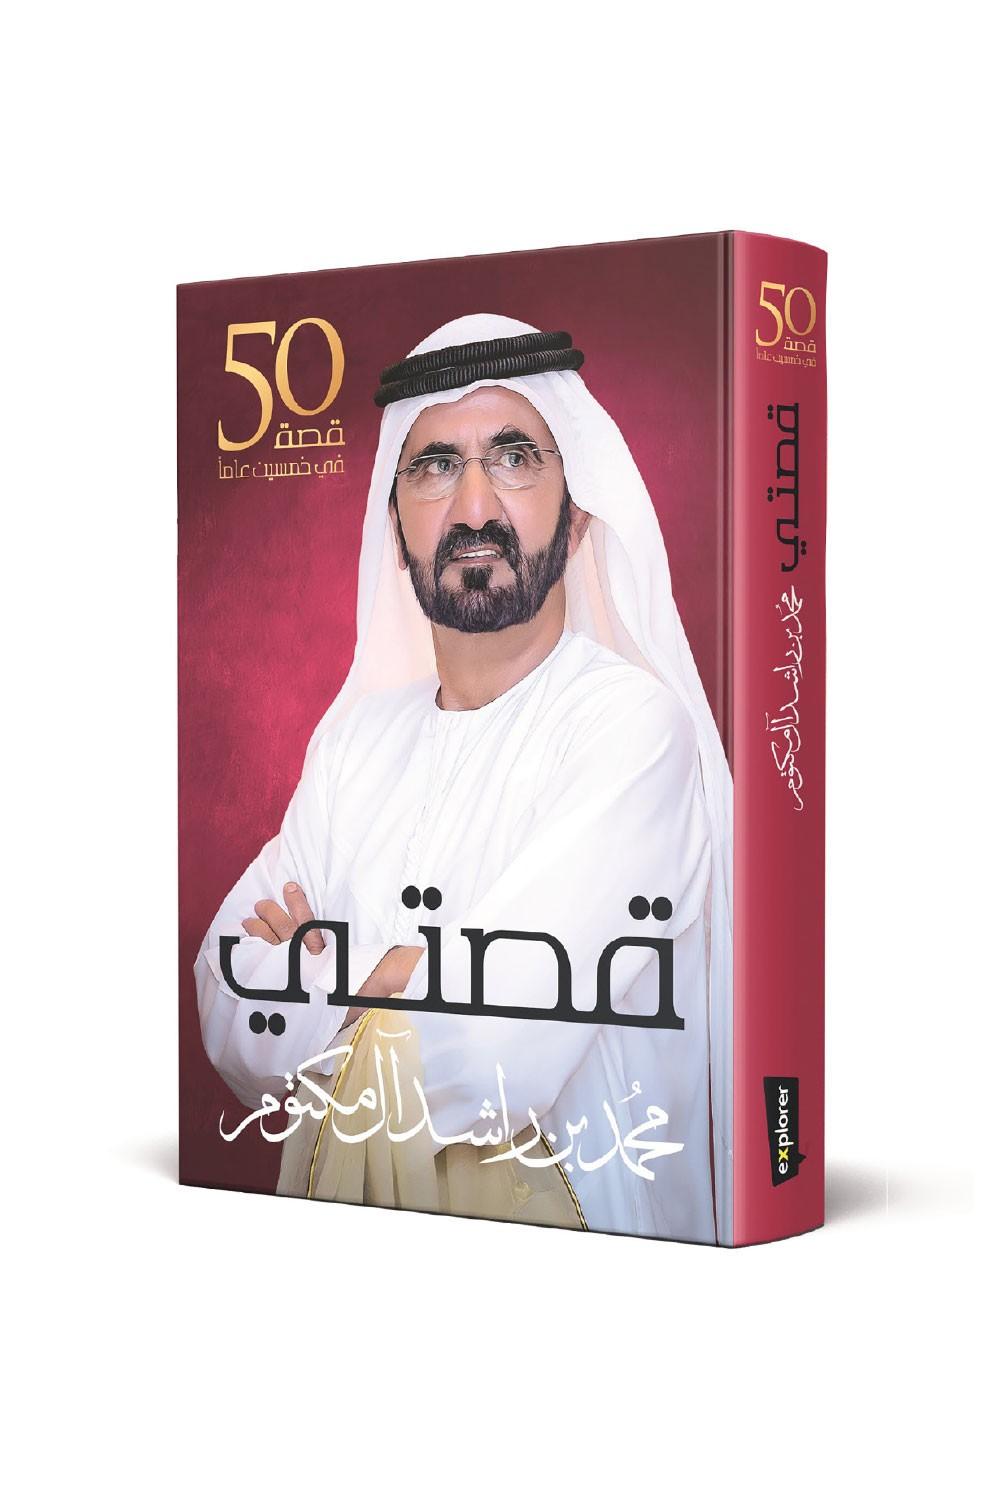 """""""قصتي""""... رحلة محمد بن راشد في بناء الذات والوطن"""